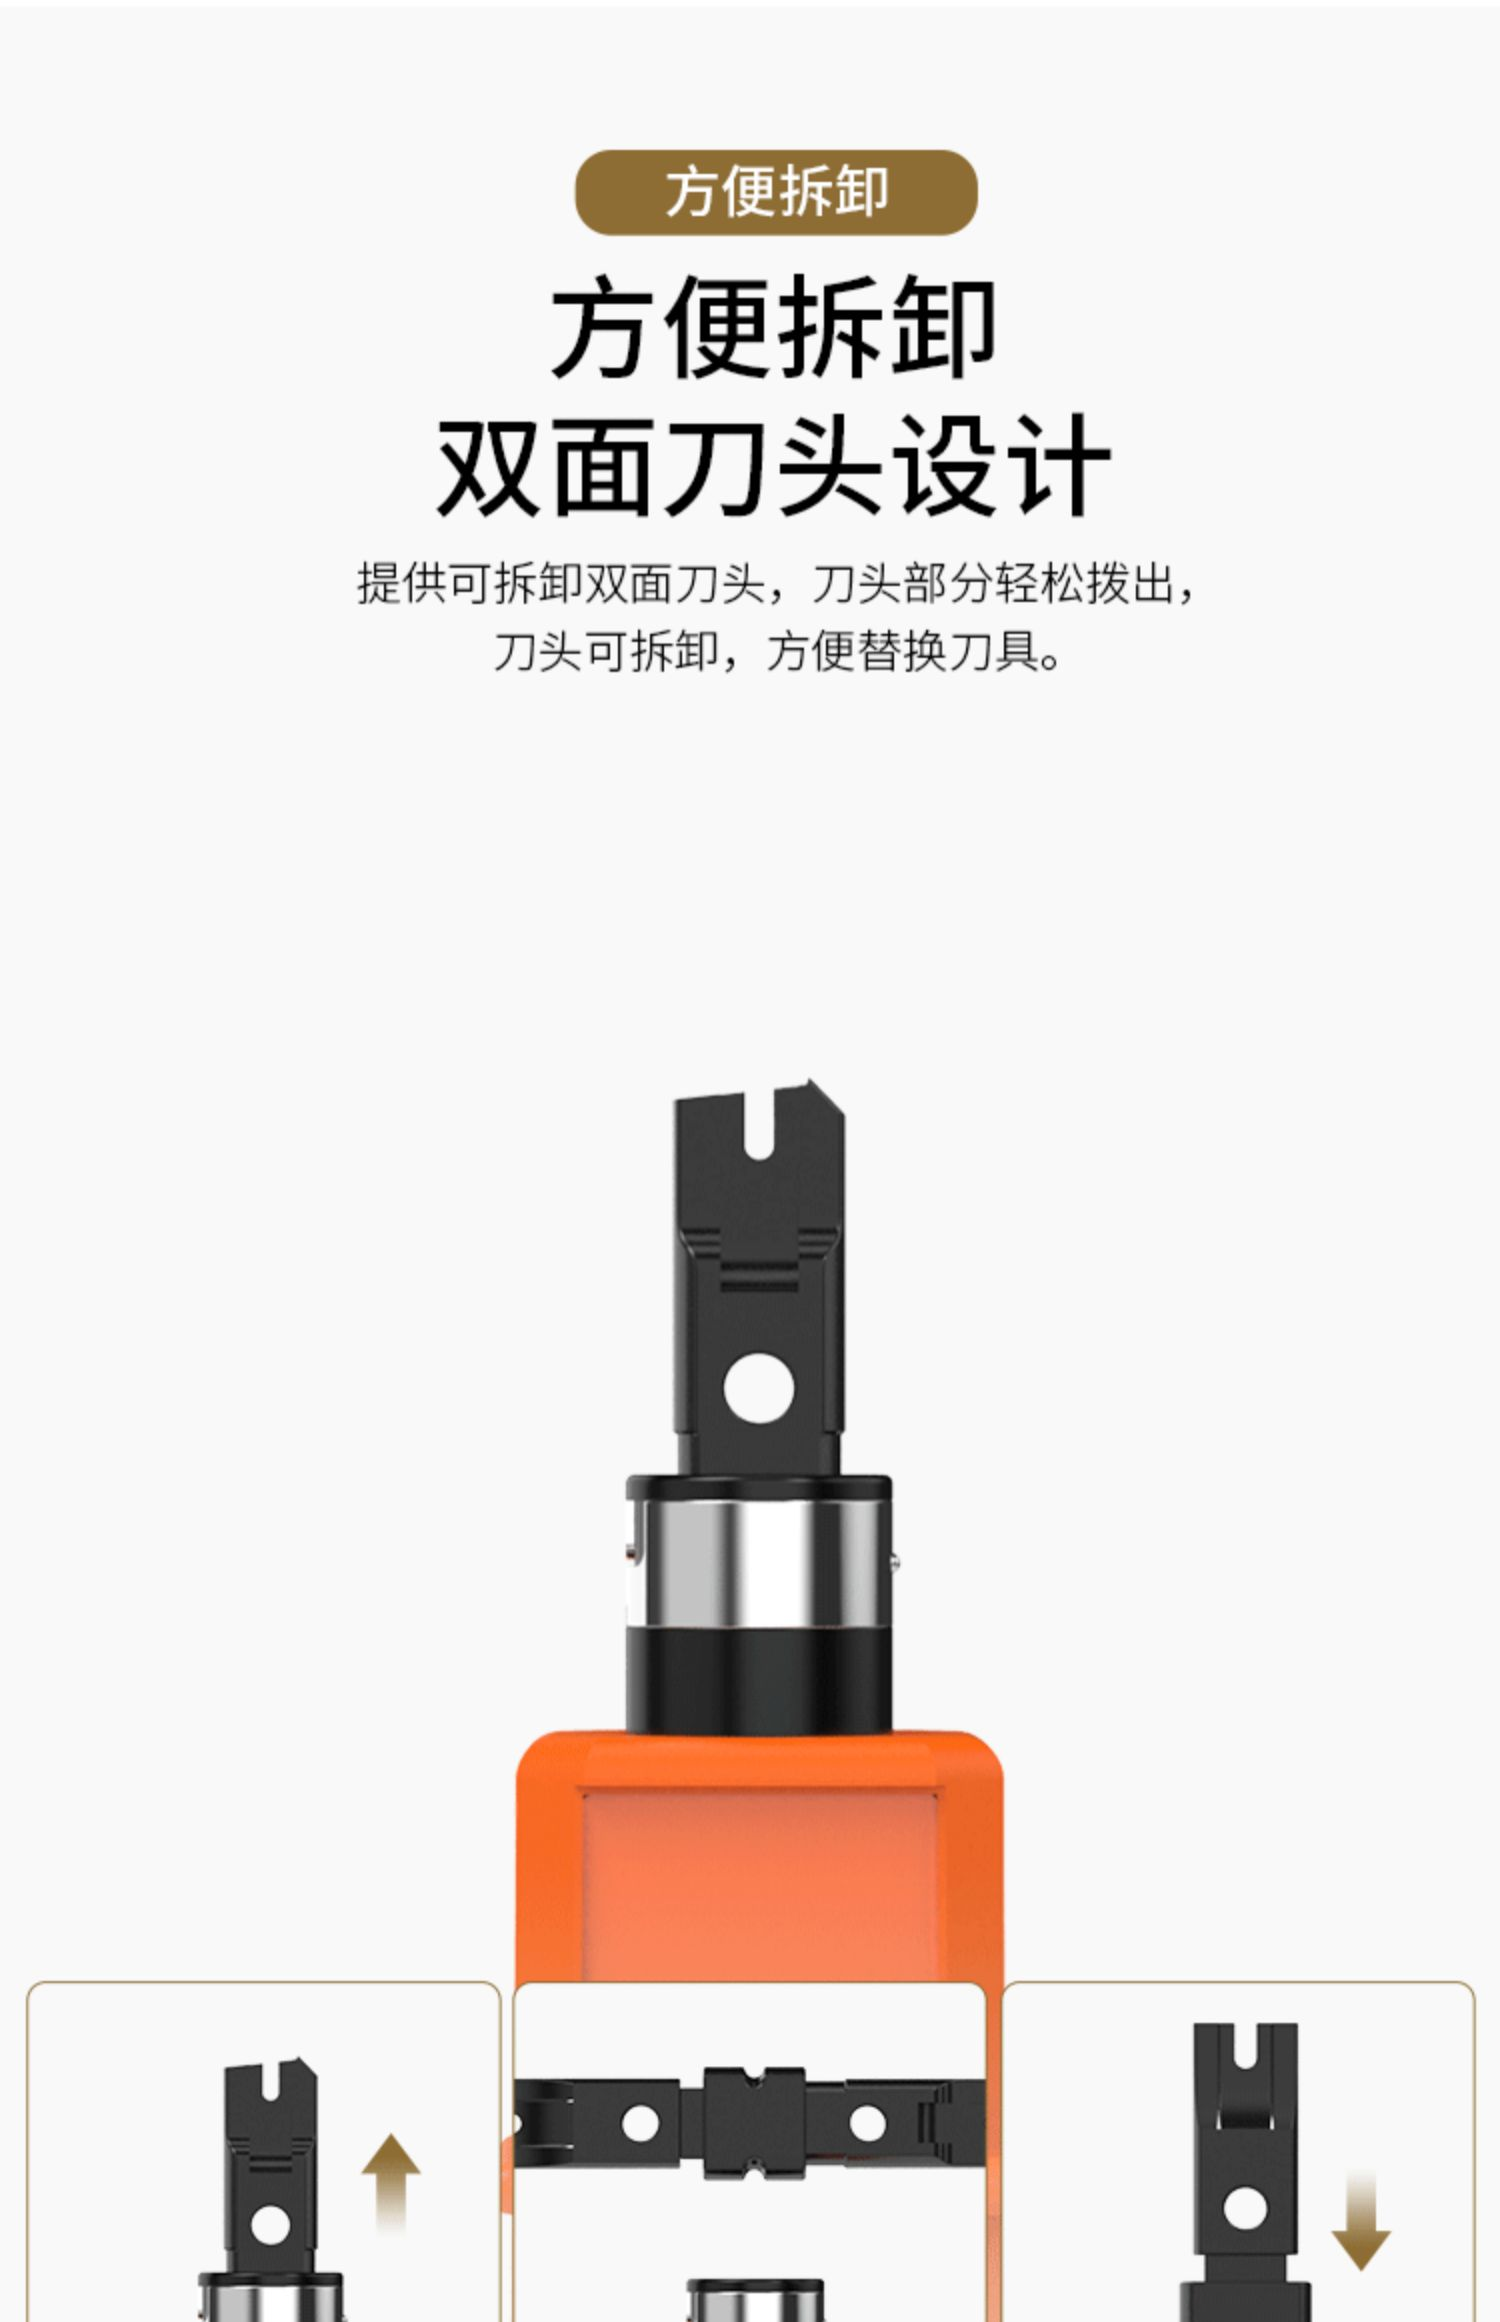 安普西蒙 多功能打线刀网线电话线Rj45网络模块RJ11电话语音模块110配线架卡线工具压线器钳子原装正品商品详情图